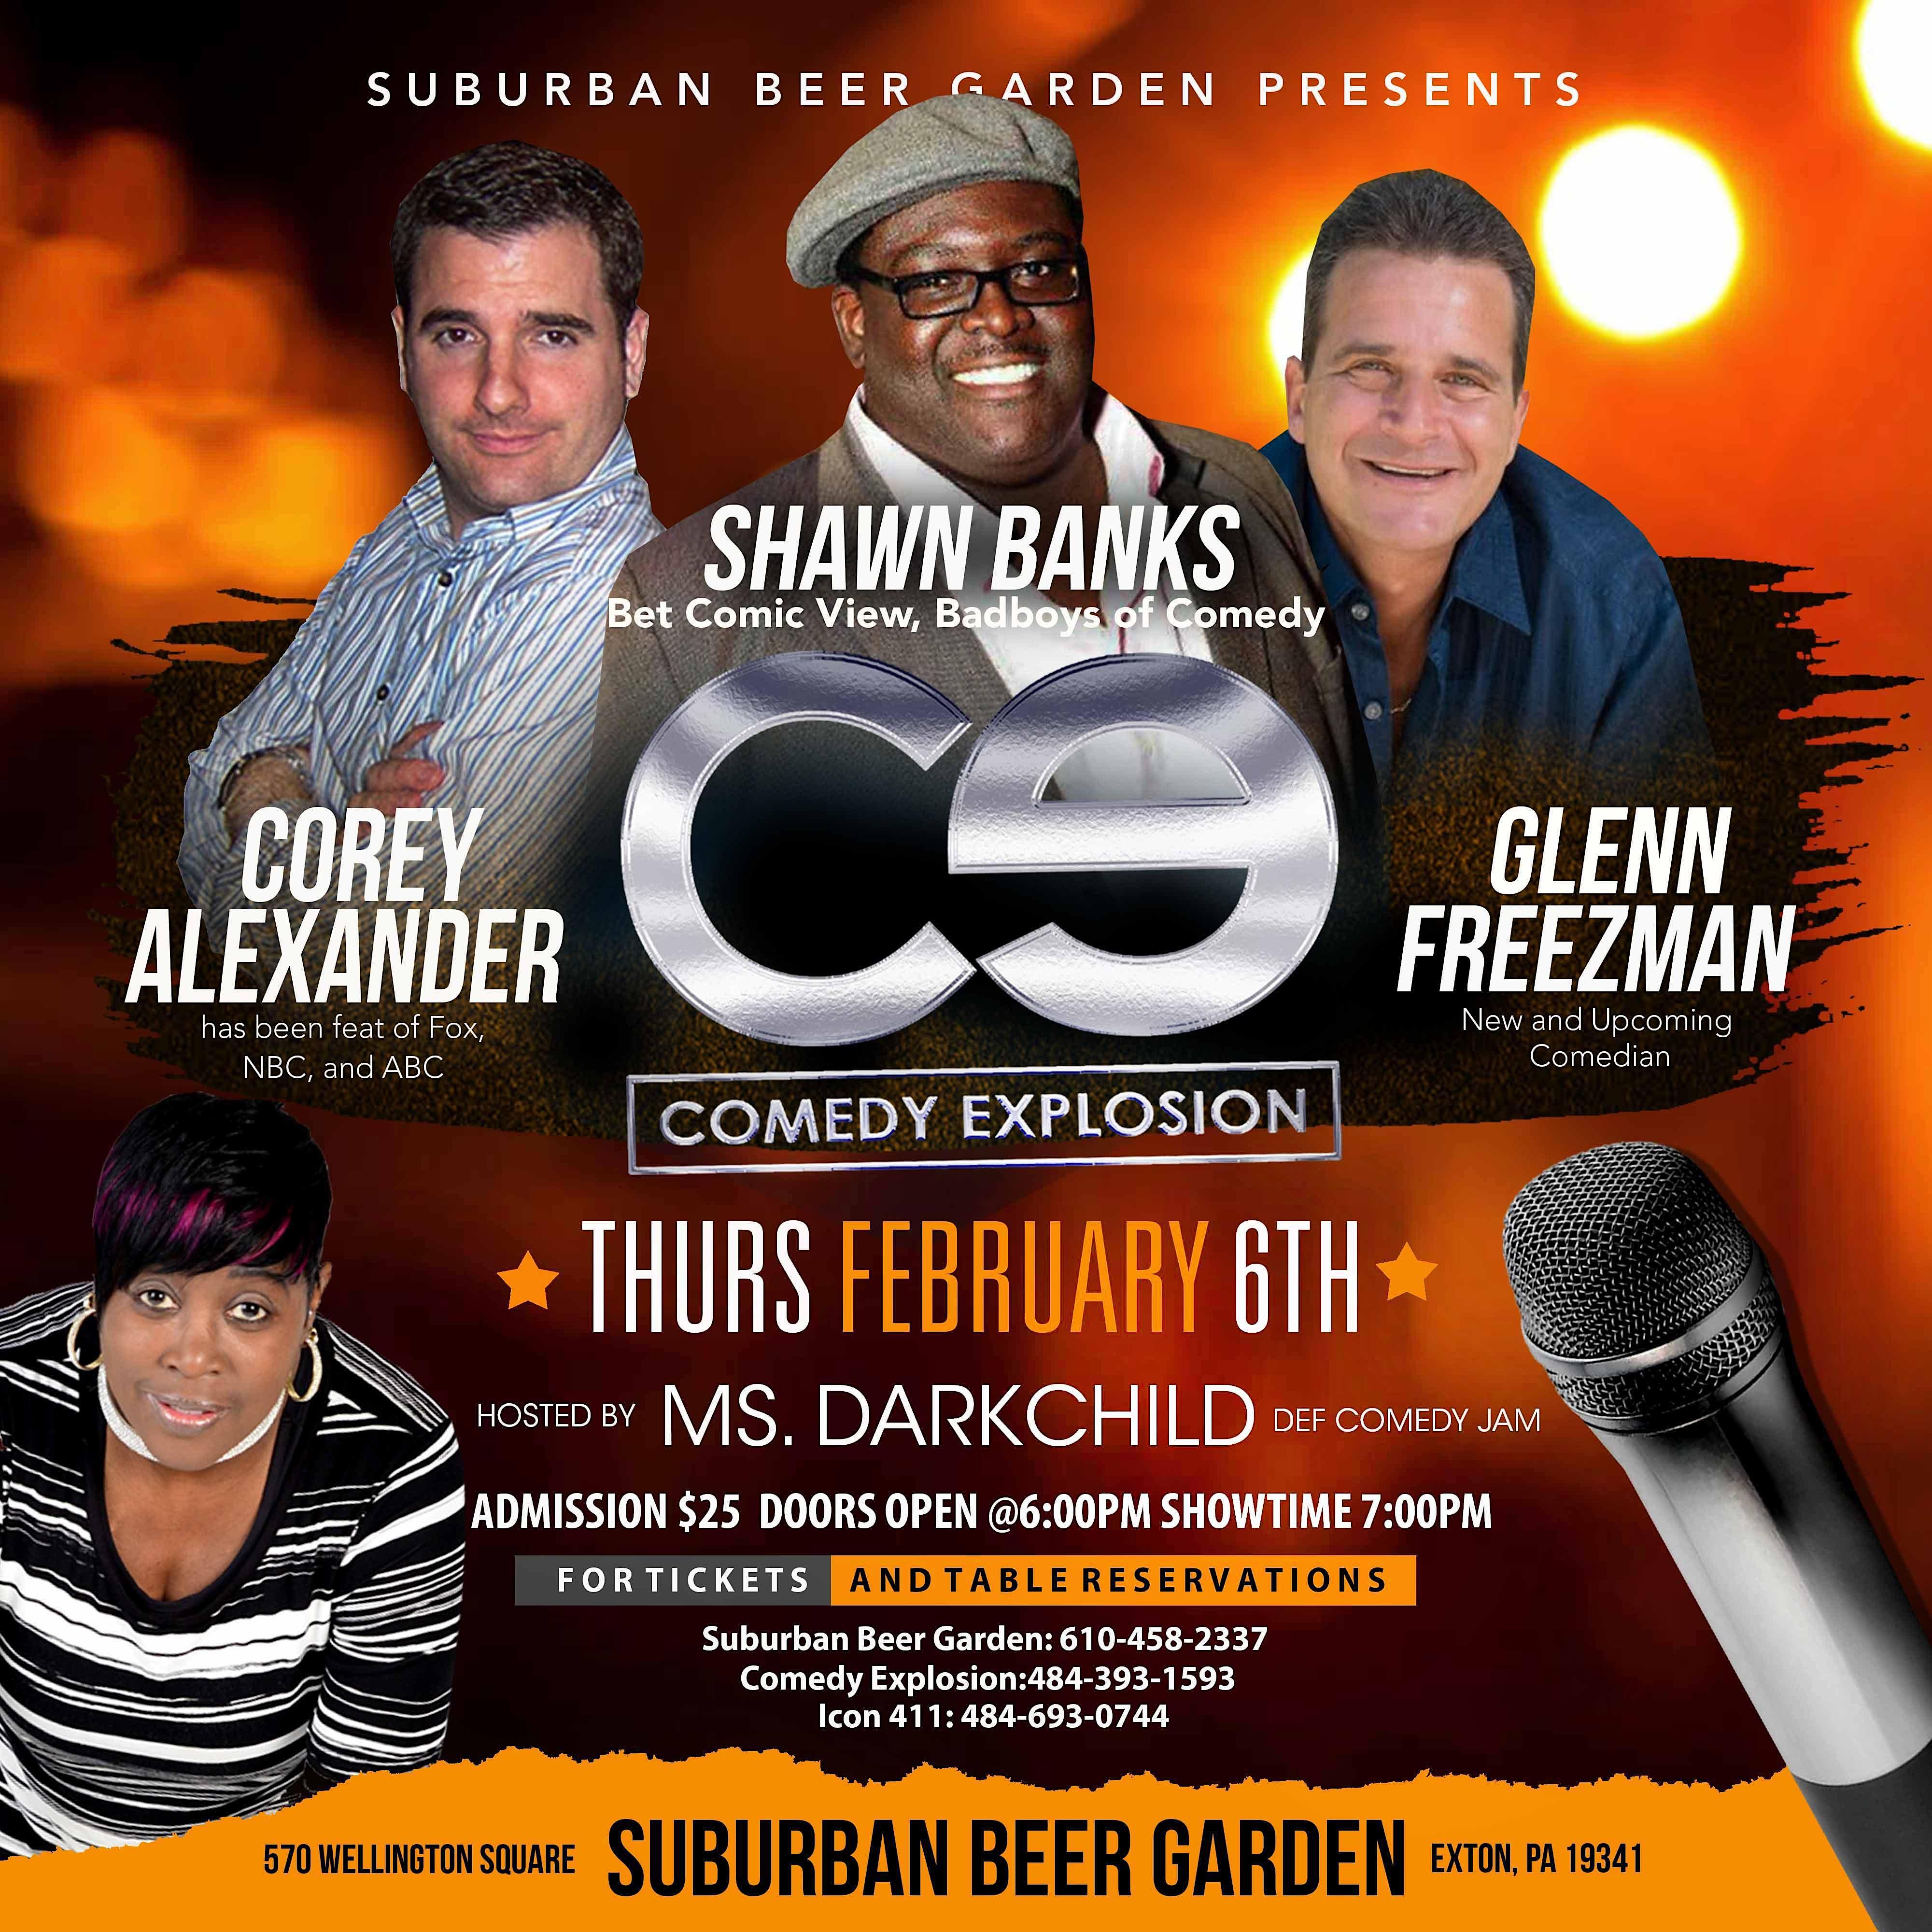 Comedy Explosion at Suburban Beer Garden